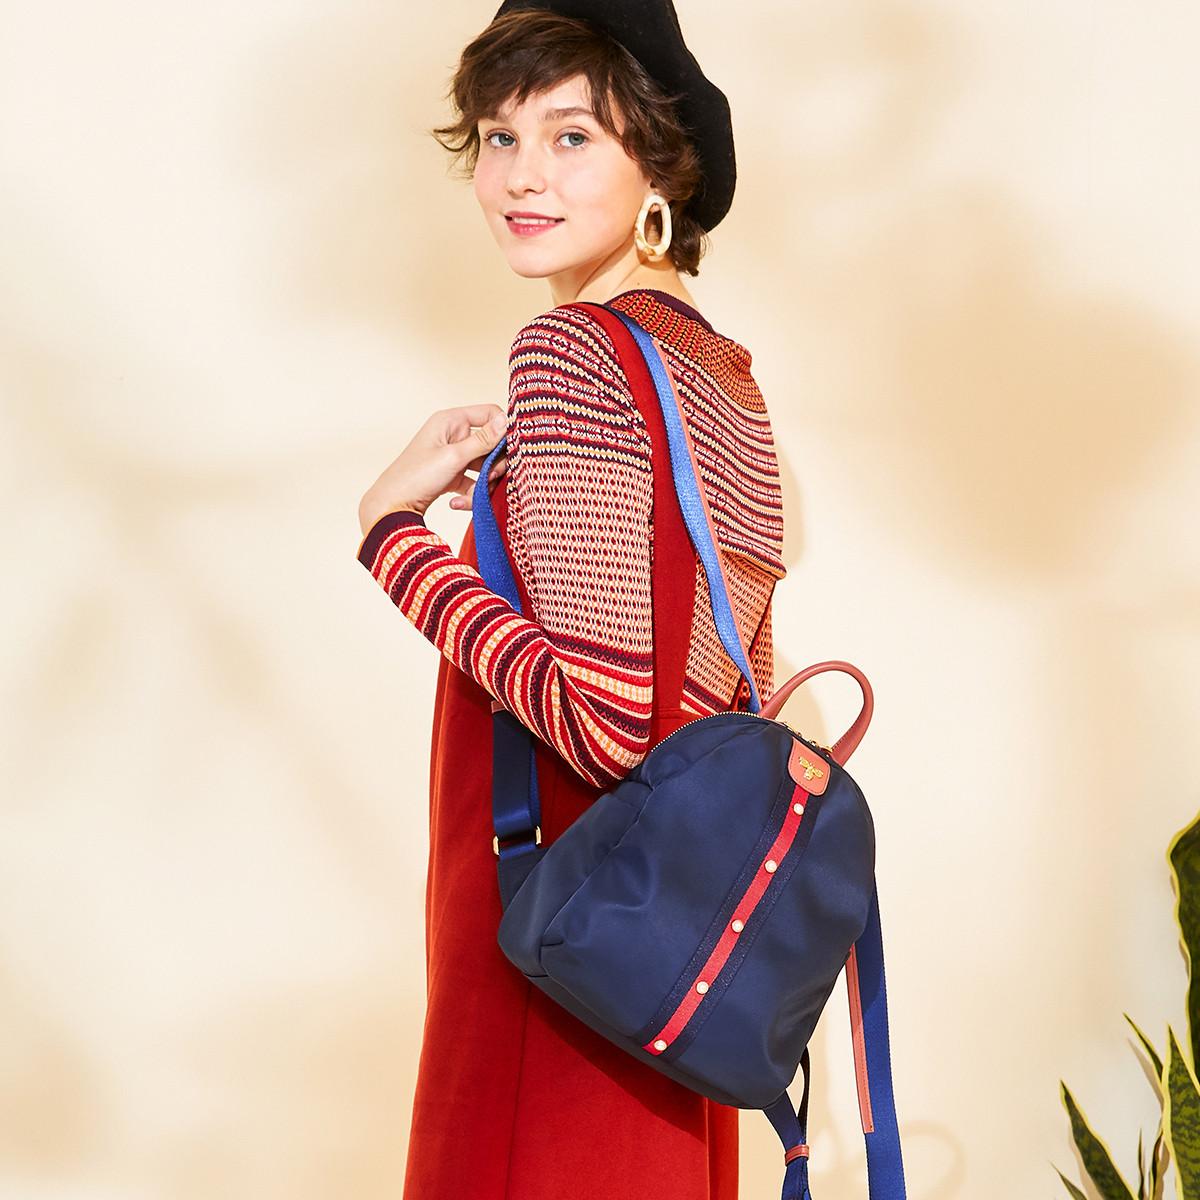 LAIFU 2019新品女款双肩包时尚休闲轻便布包撞色铆钉蜜蜂刺绣背包